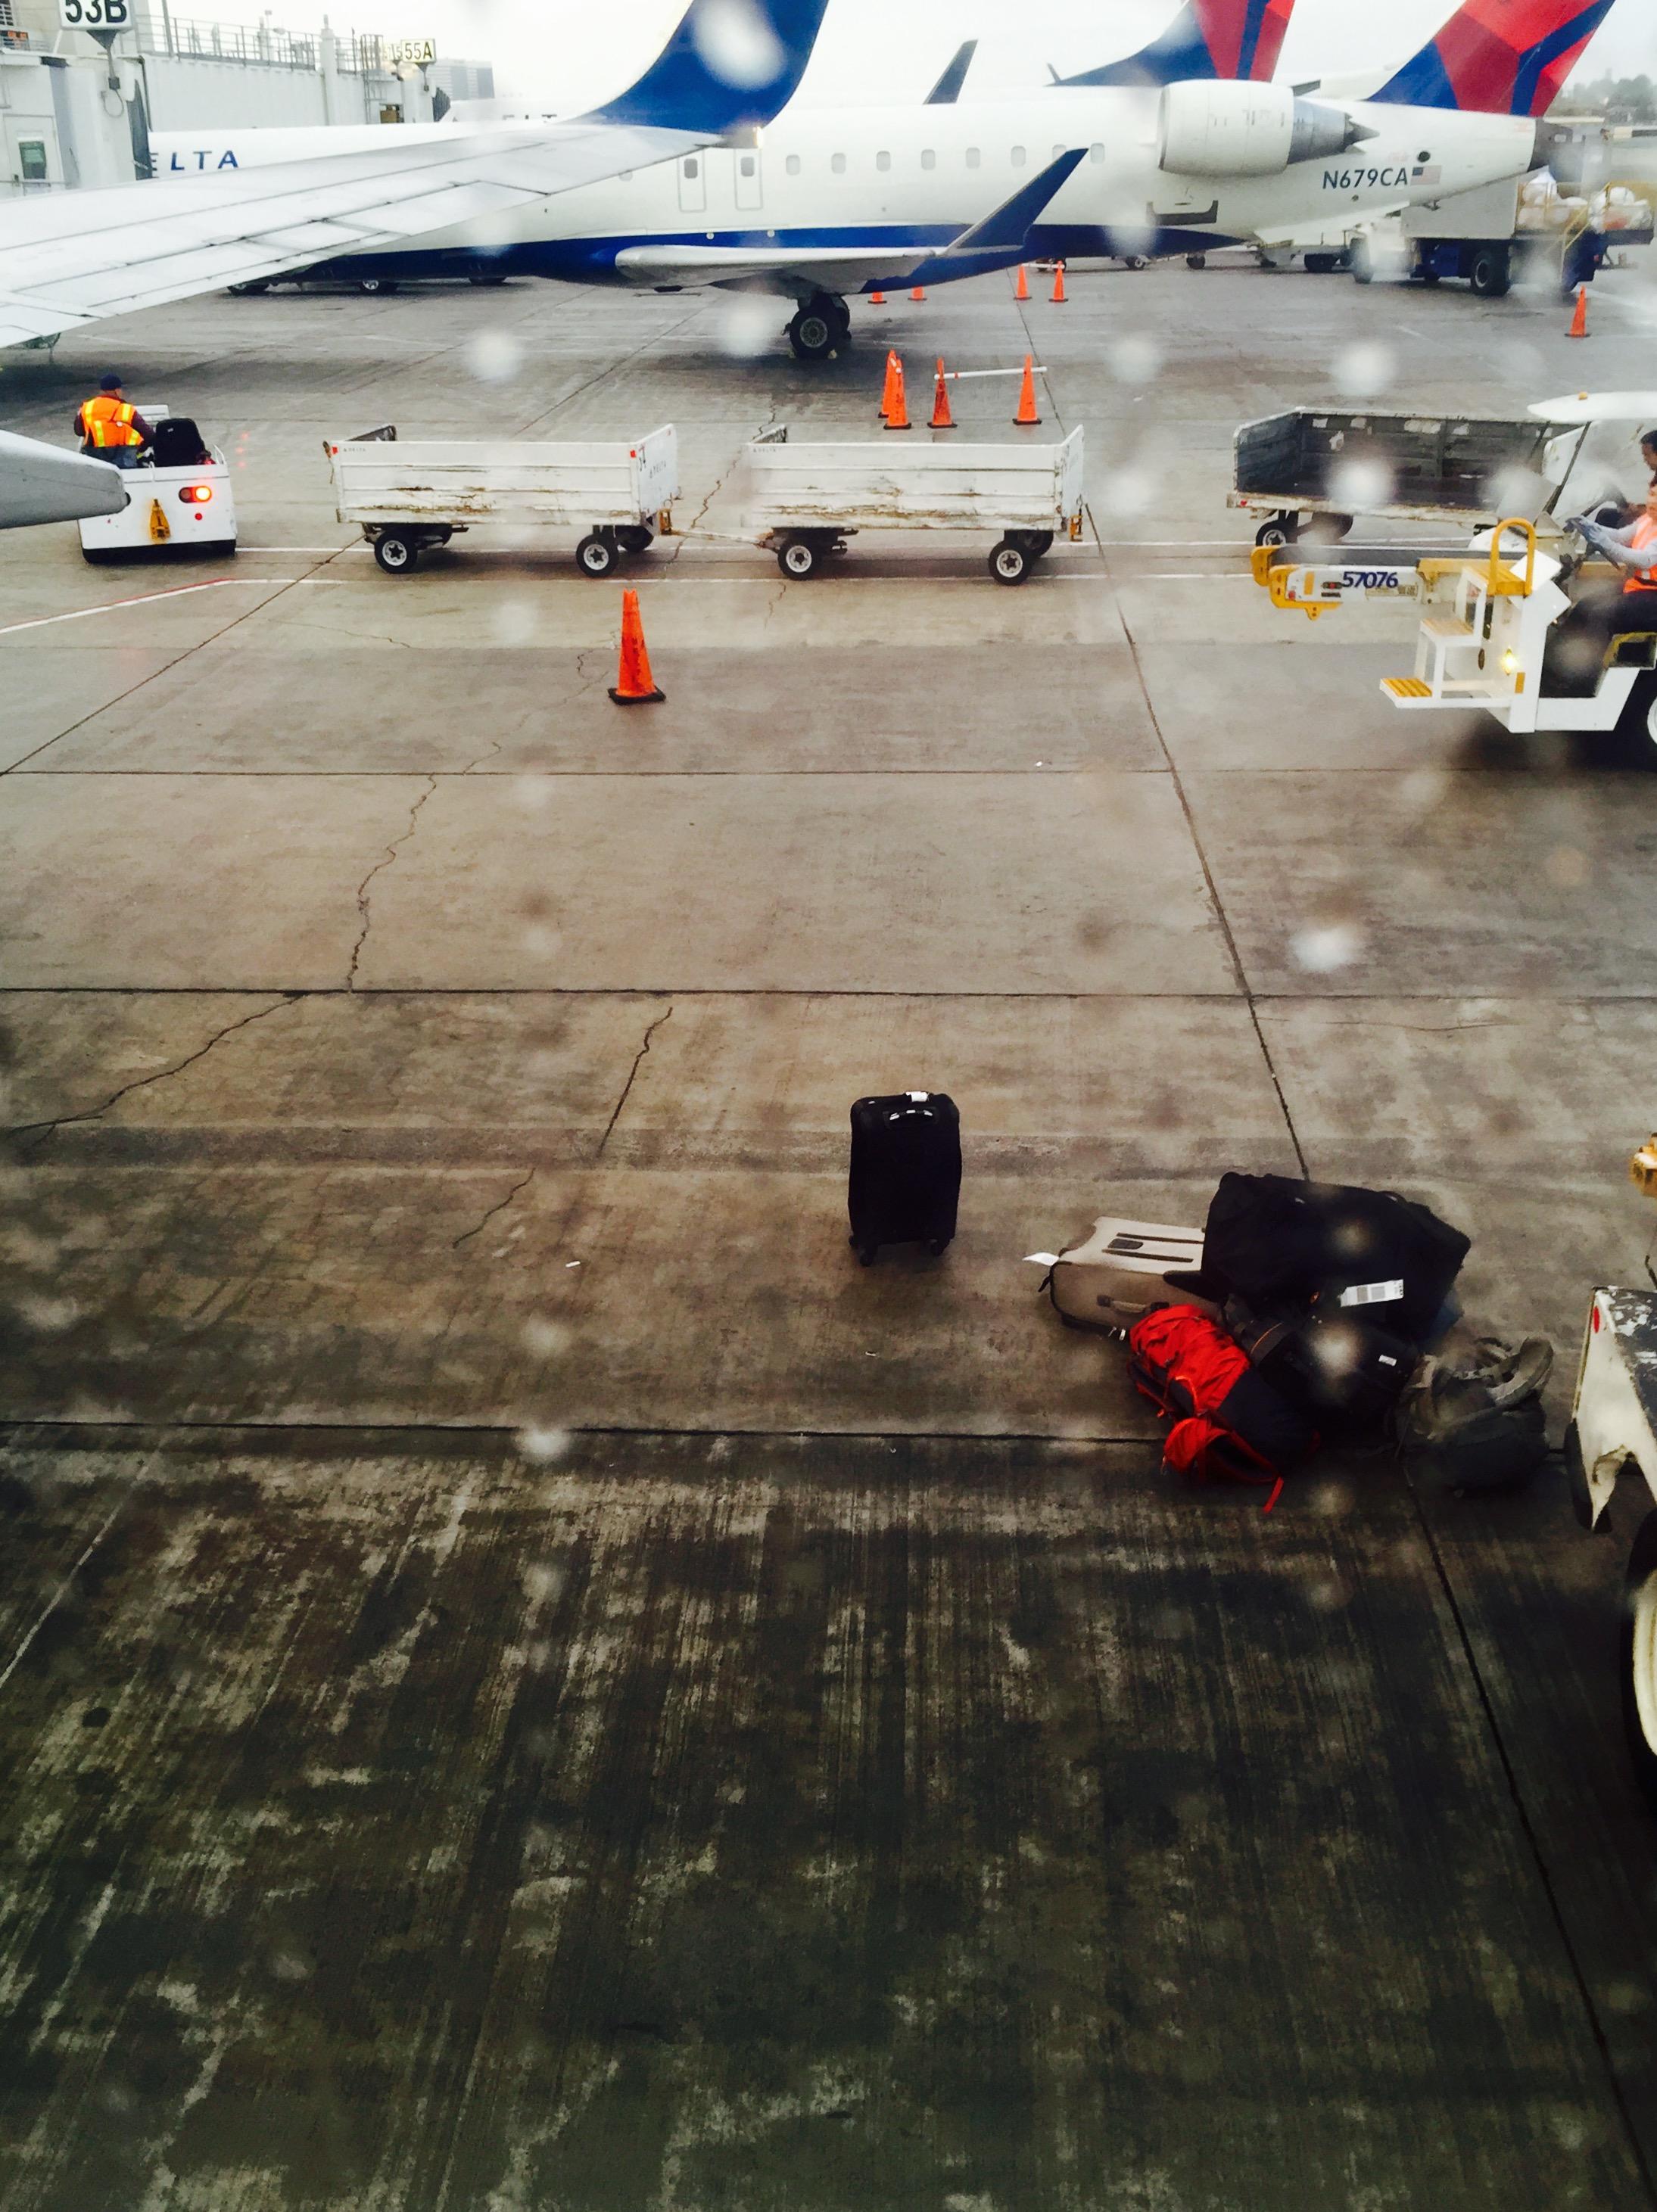 Bye bye my little suitcase